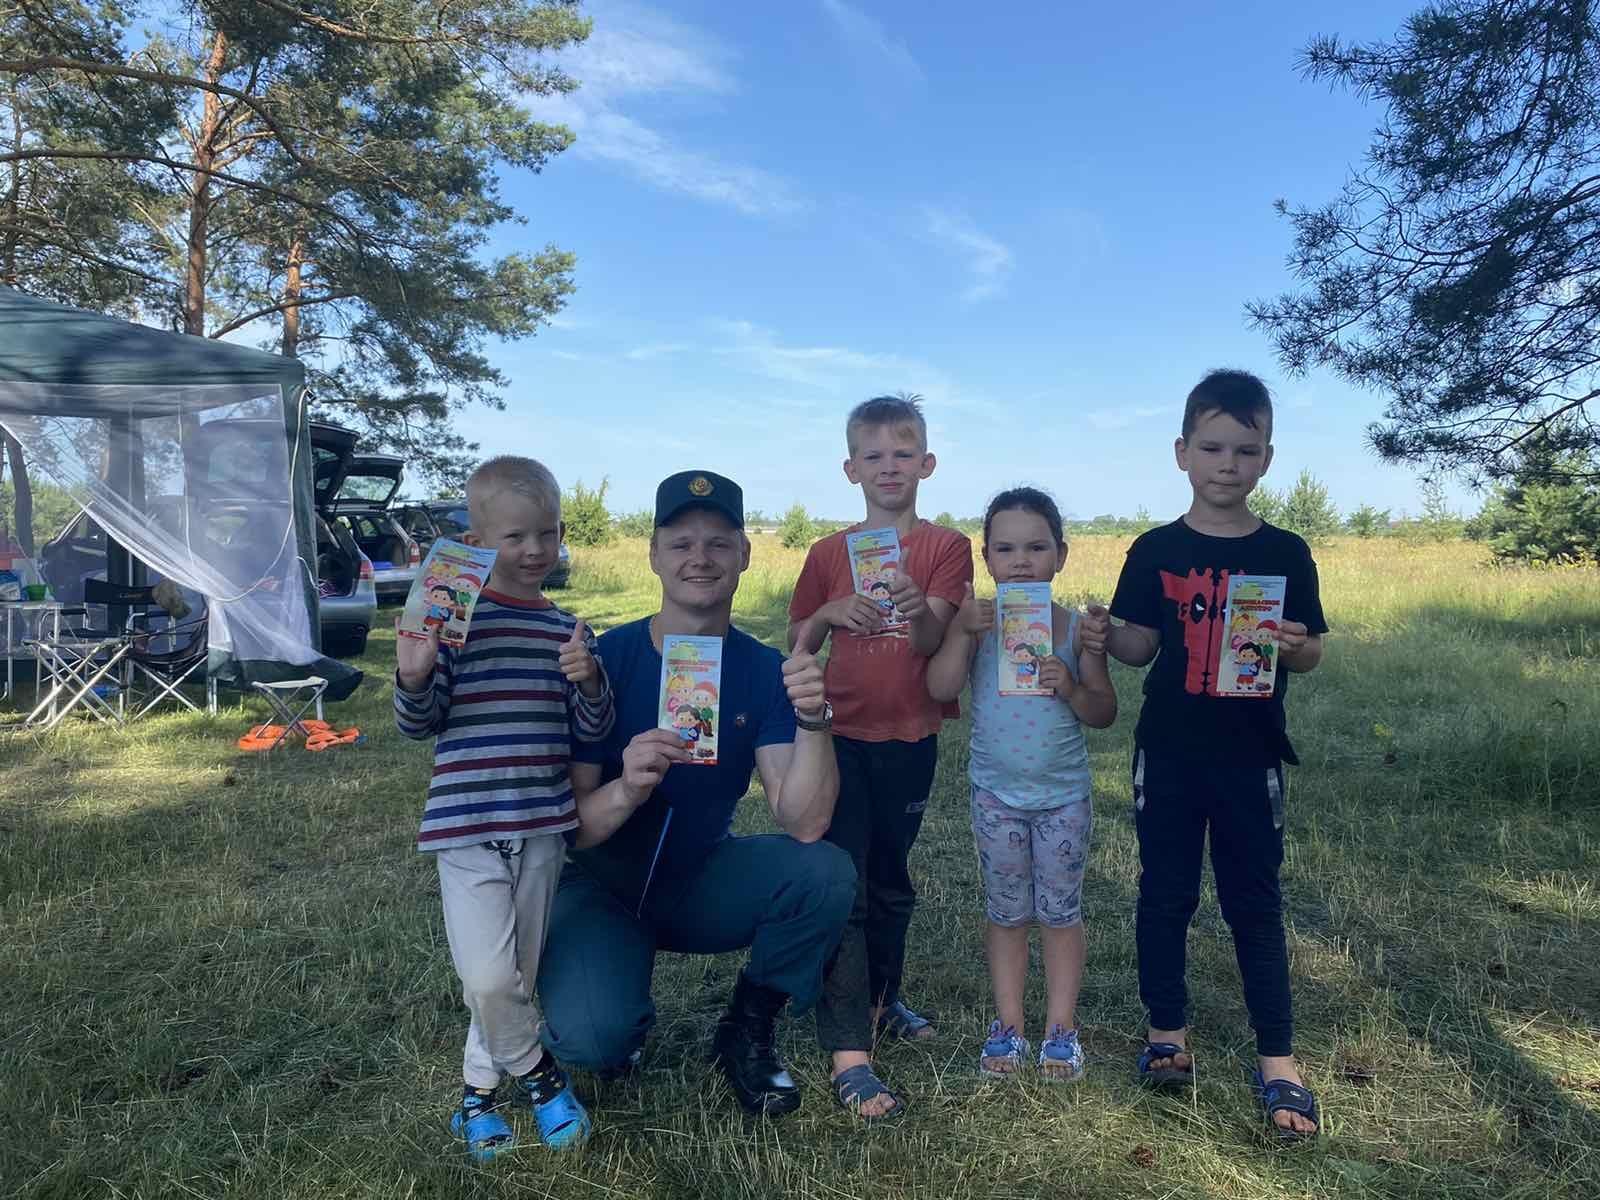 Лидские спасатели в очередной обращают внимание на обеспечение безопасности детей